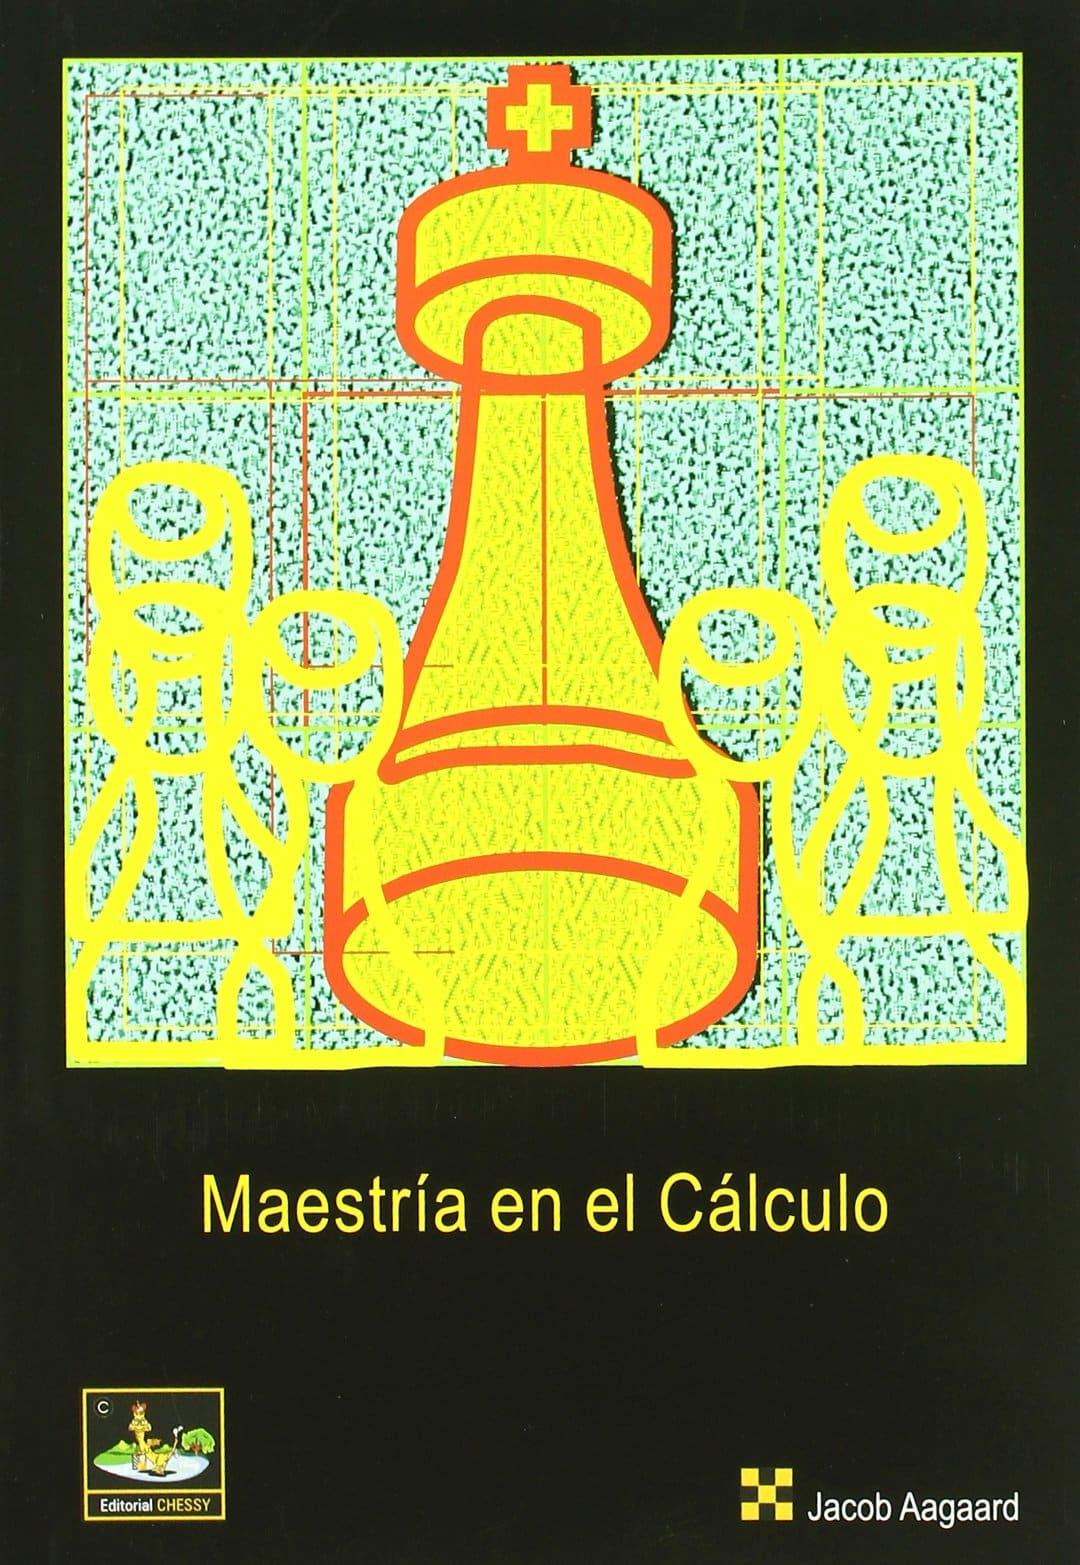 Portada del libro maestría en el cálculo